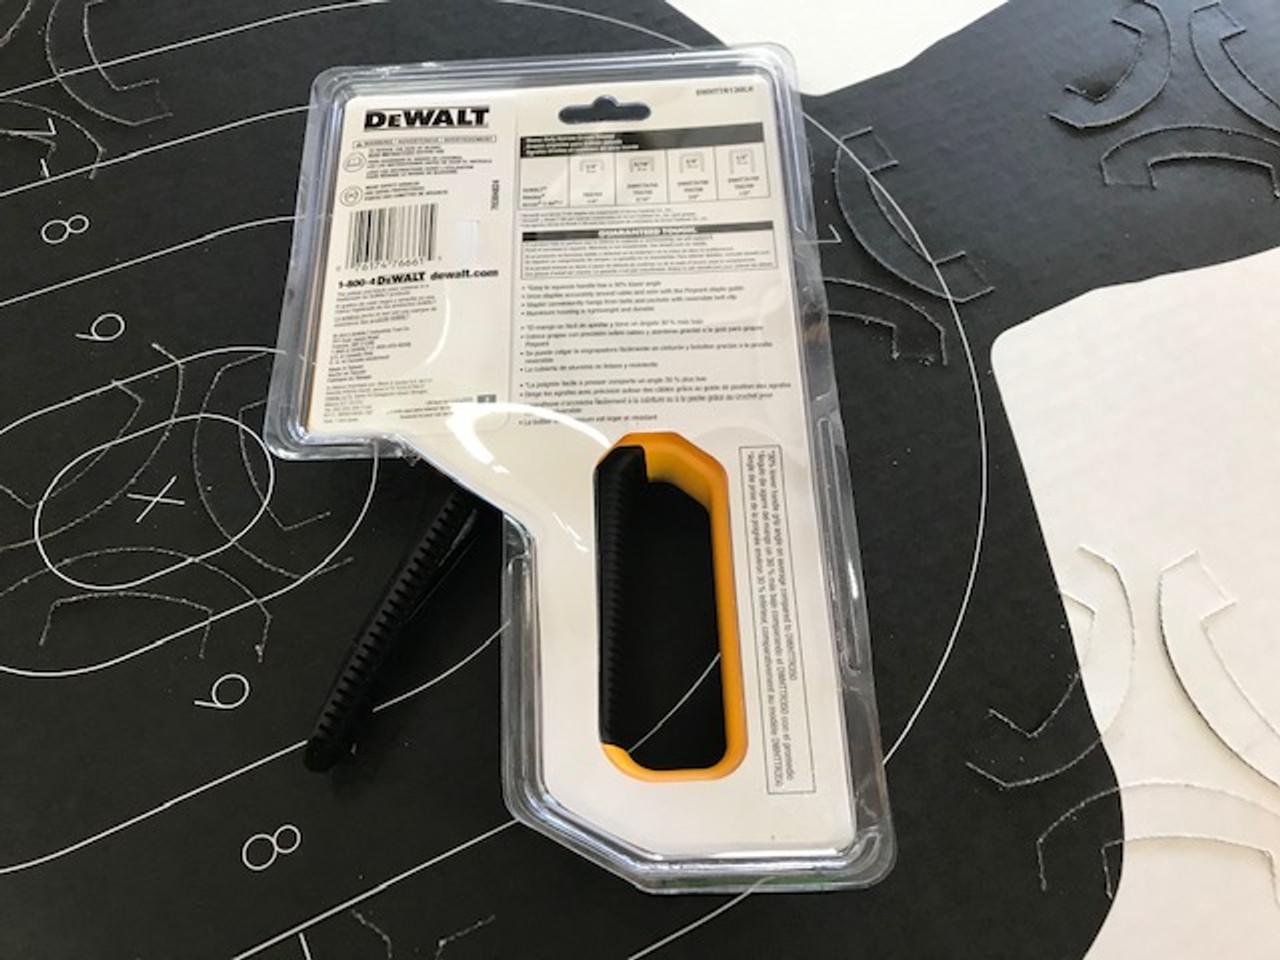 DEWALT COMPACT STAPLER